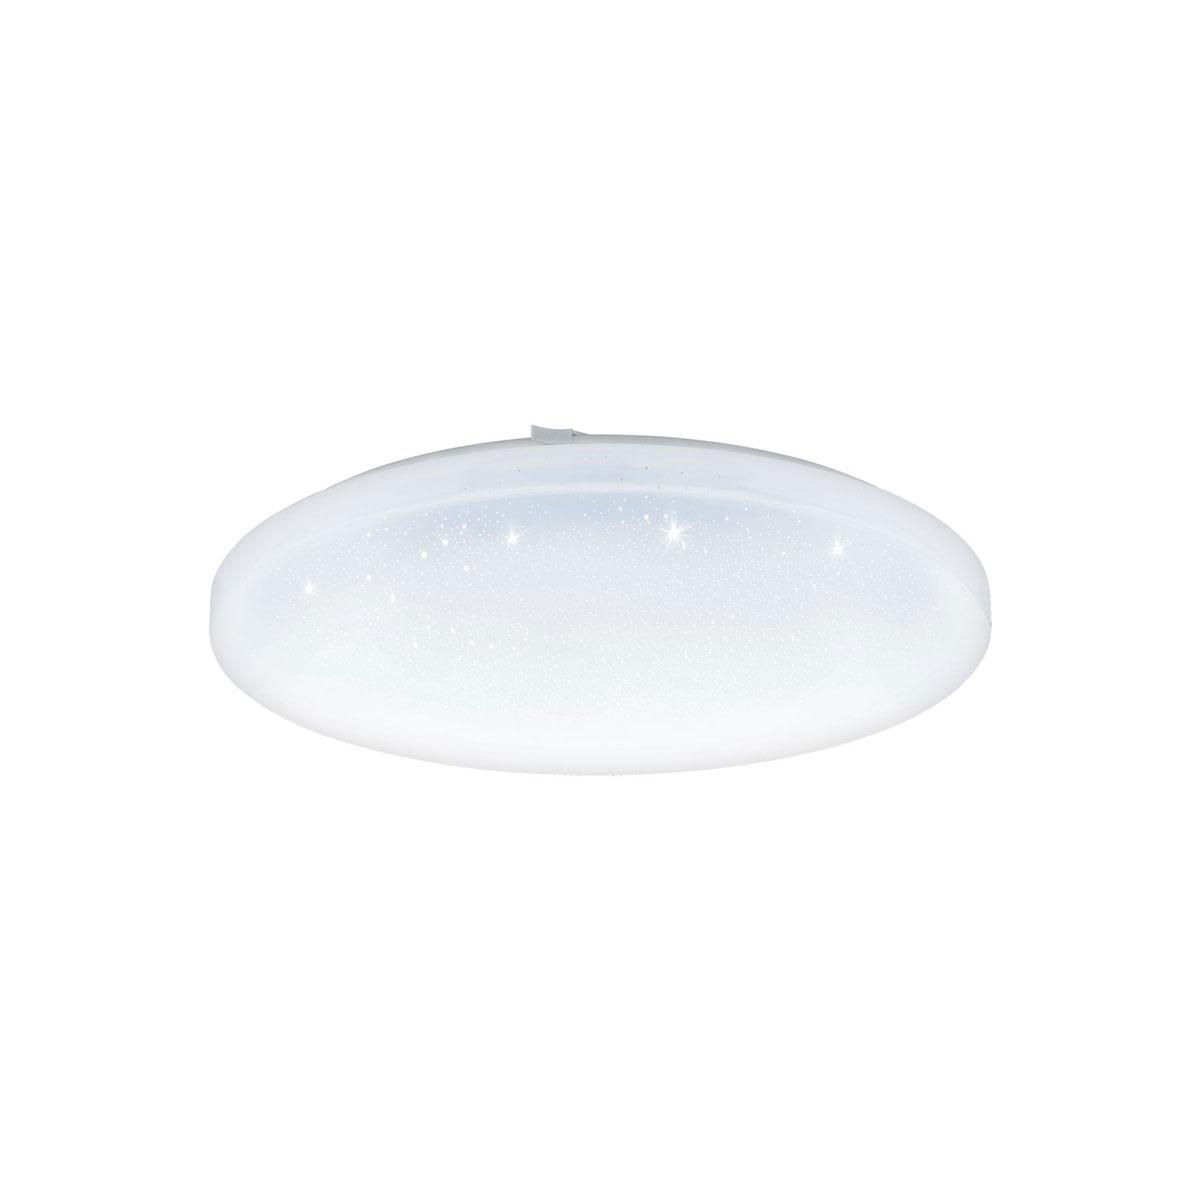 """Deckenleuchten - LED Deckenleuchte """"Frania S"""", Ø43cm, weiß Ø 43 cm cm  - Onlineshop Hellweg"""